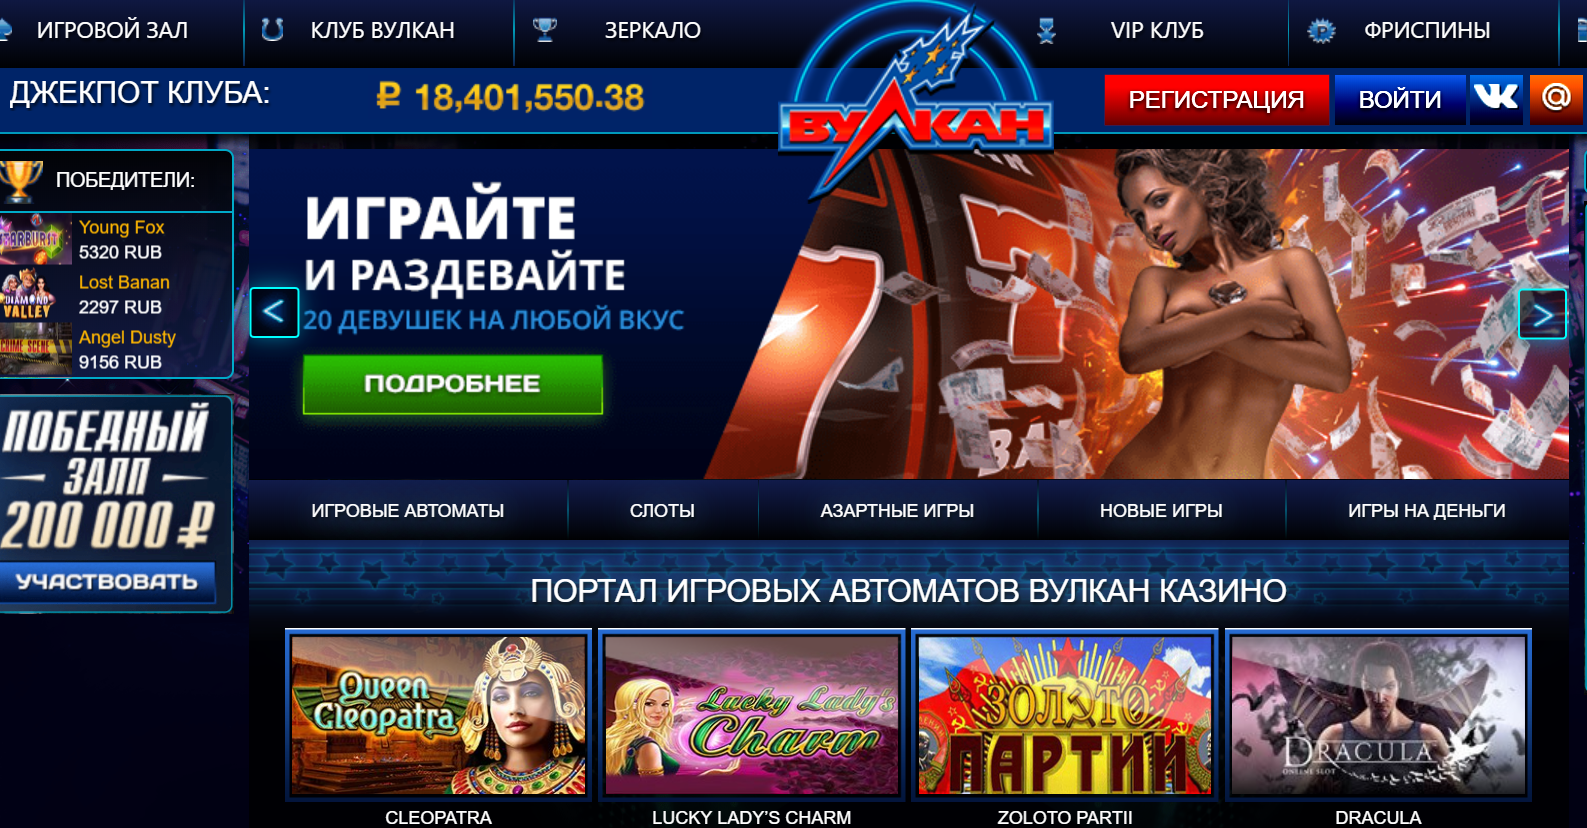 Яркие и увлекательные игровые аппараты казино Вулкан на любой вкус!